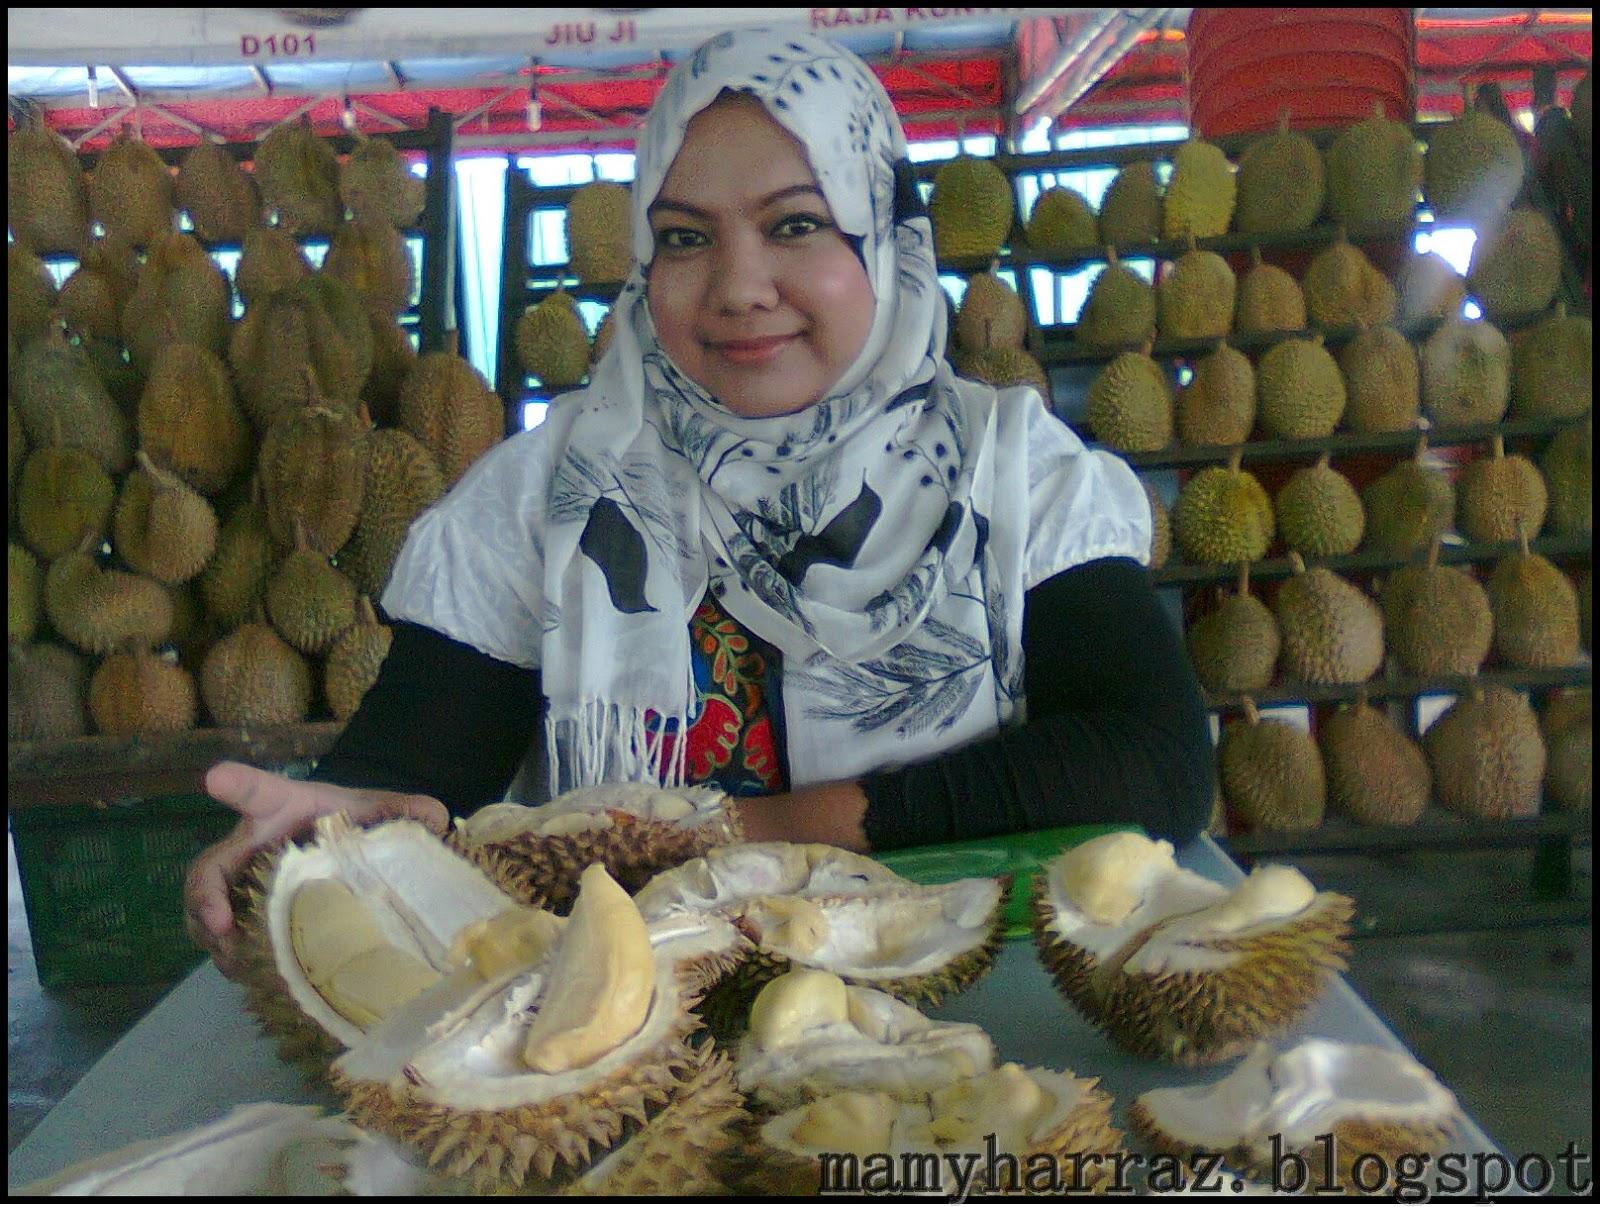 Mamyharraz Blog Durian Buffet Ss2